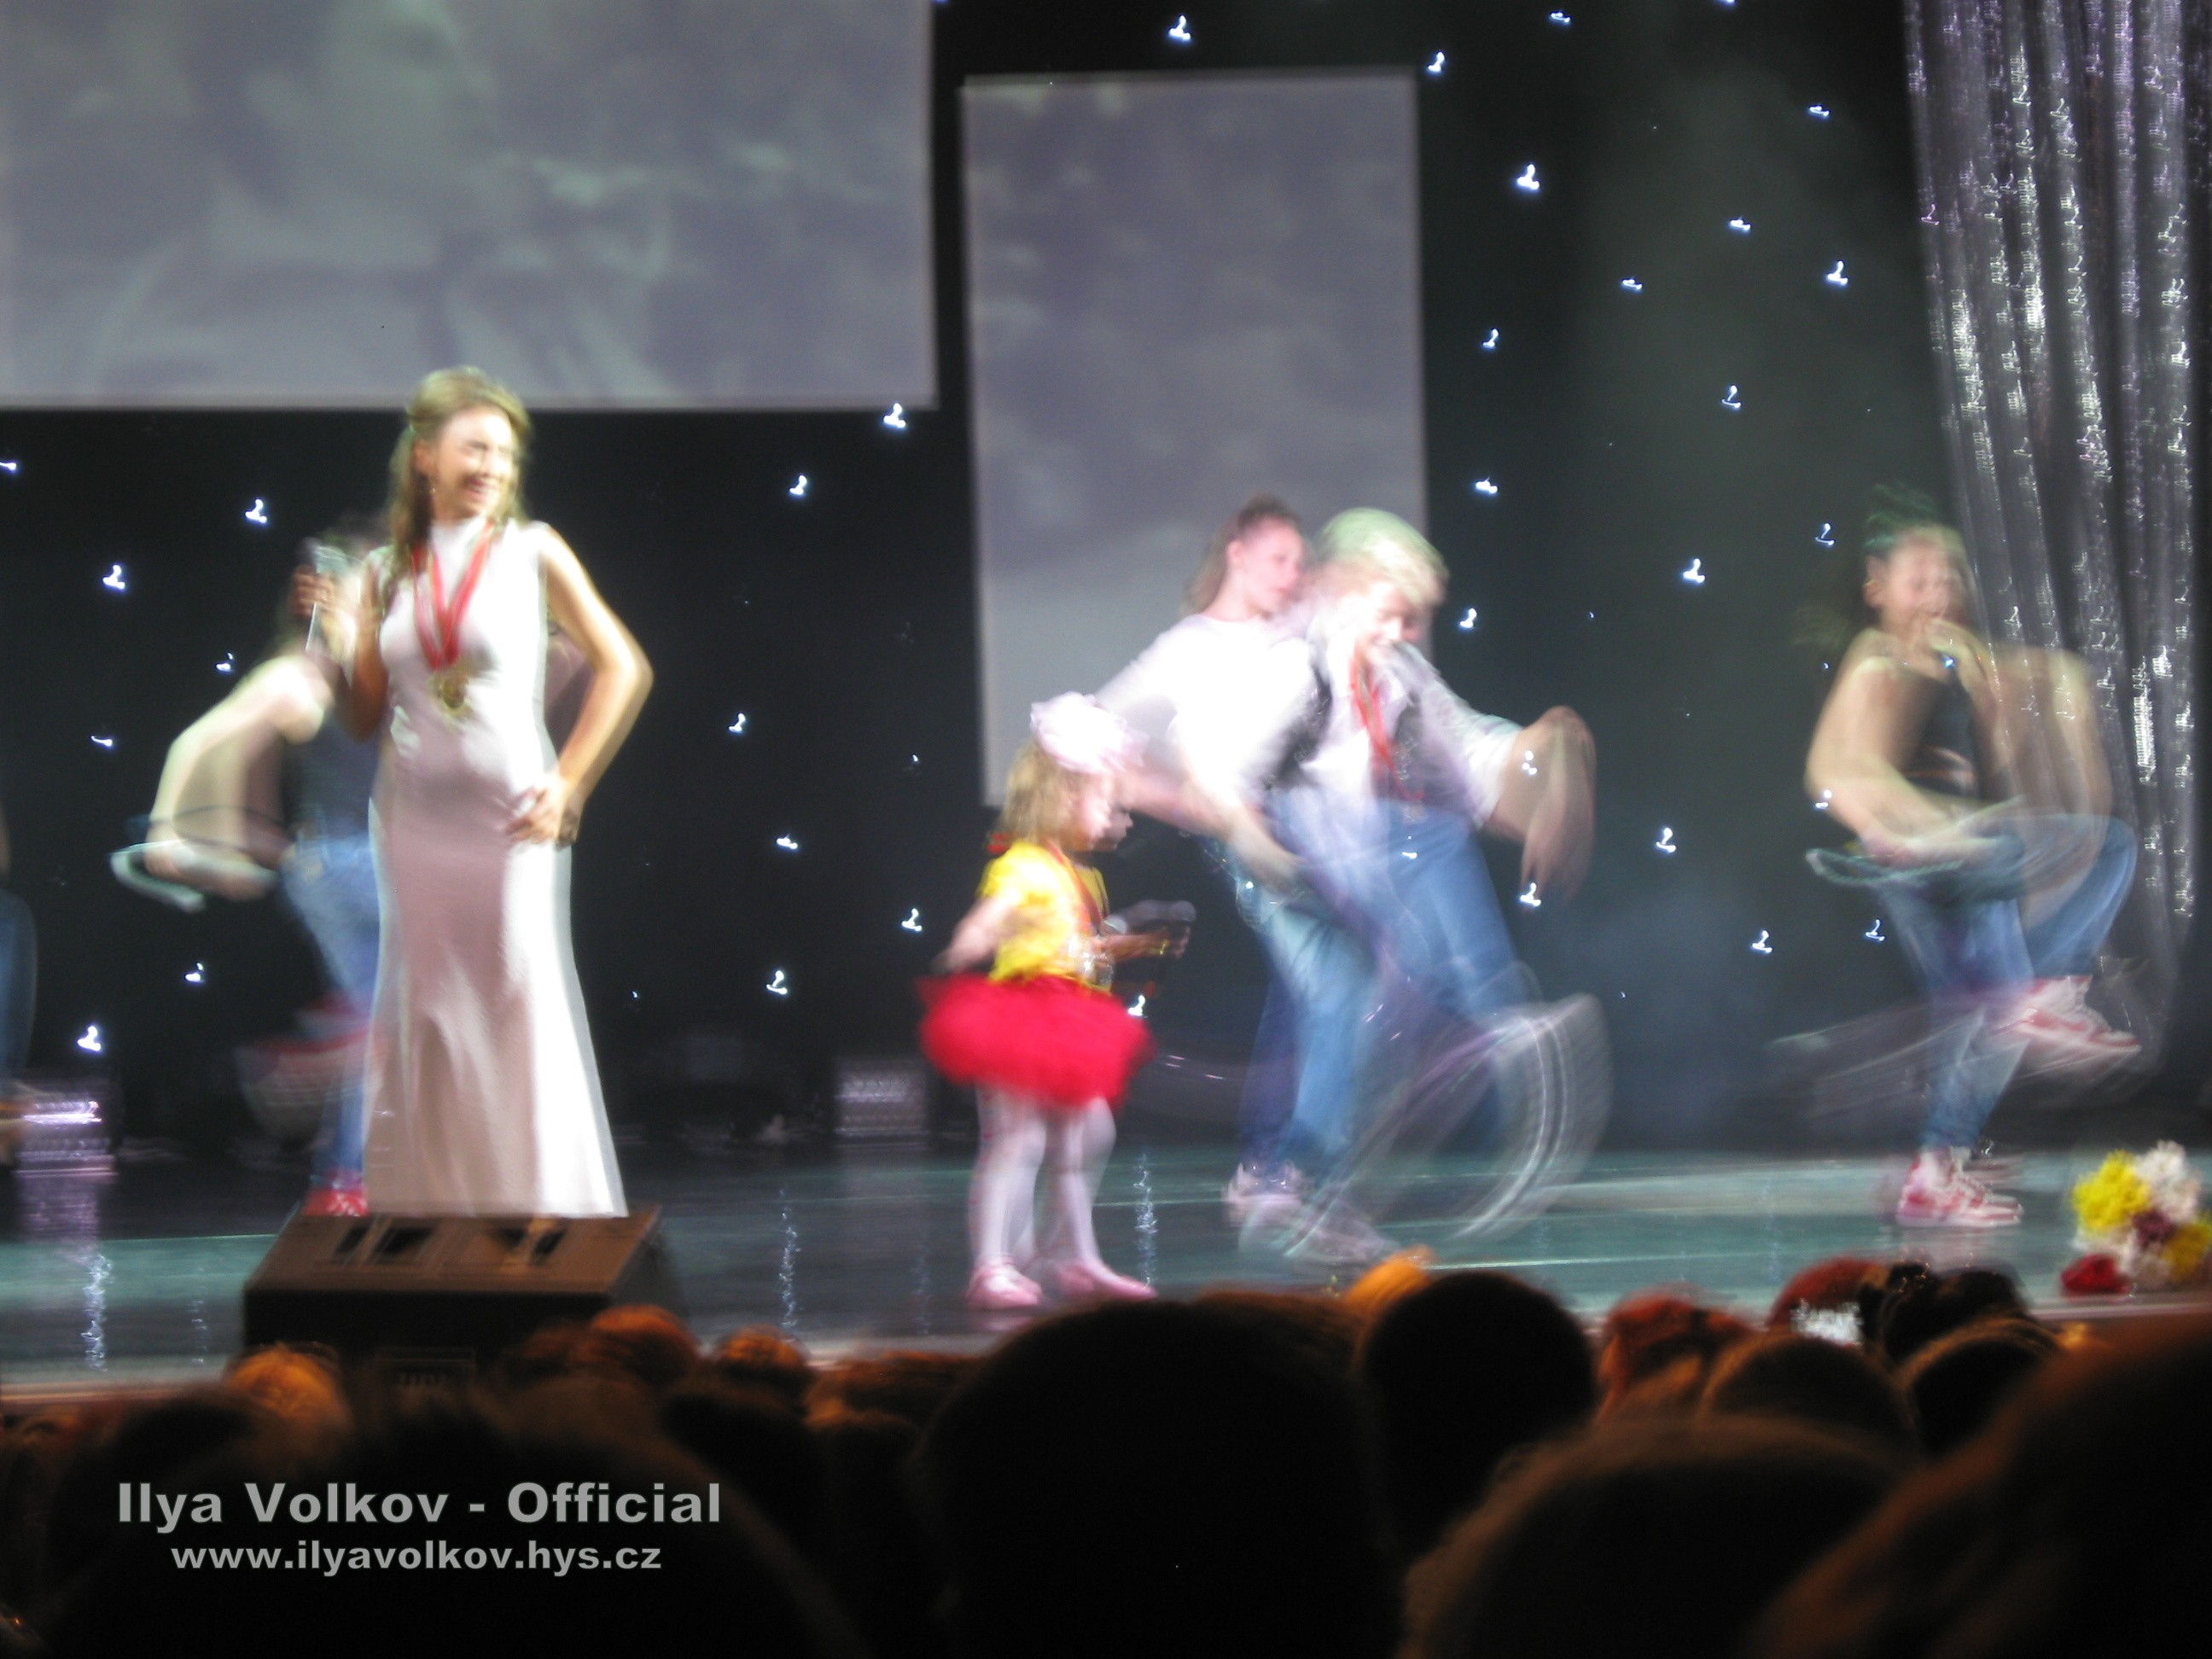 Ilya Volkov - Concert with JANET 2014  (17)